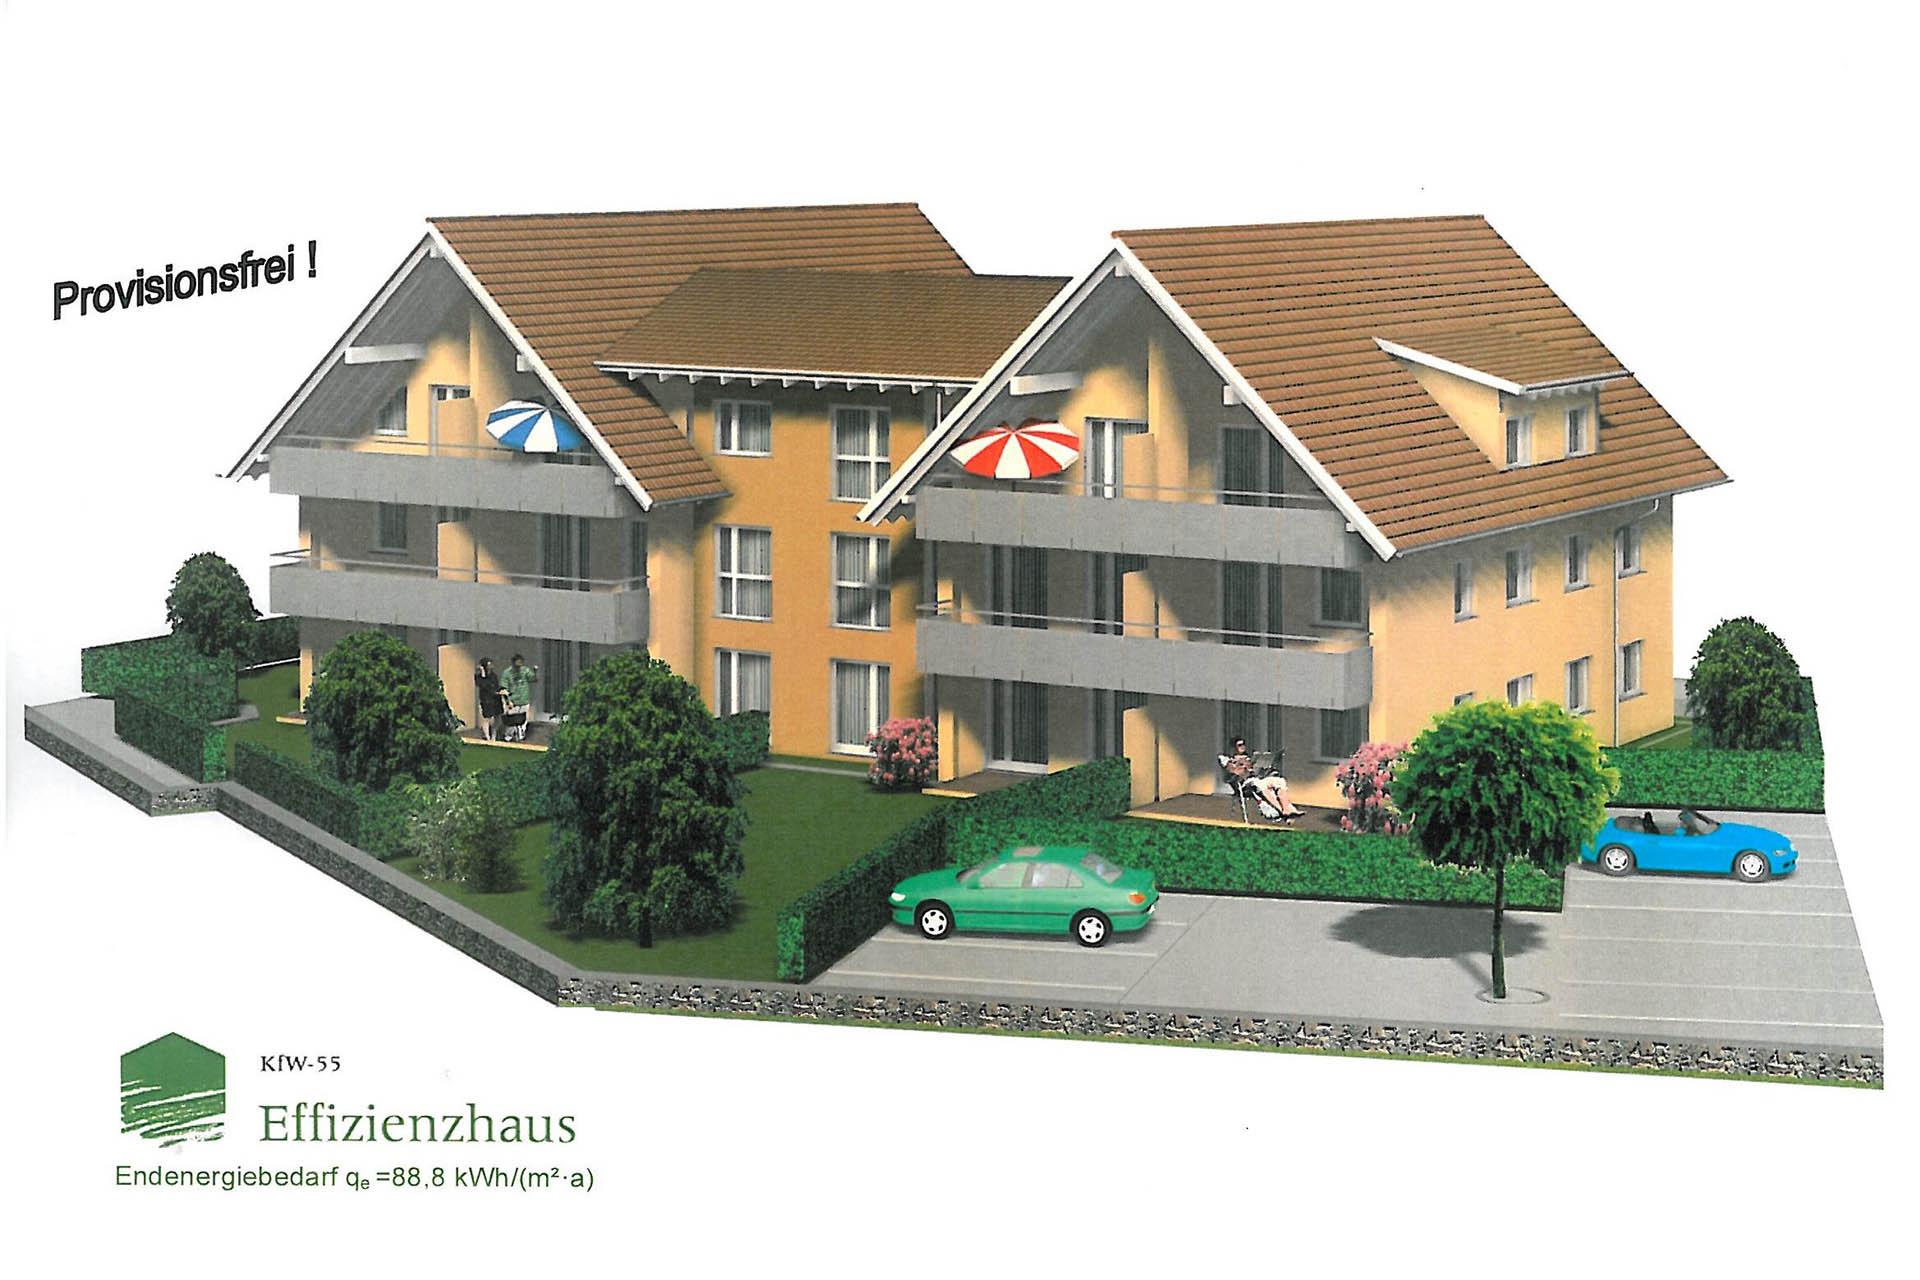 Objekt im Bau - 2. Bauabschnitt Wohnanlage Kimratshofen - Kuhn und Handwerker Bad Grönenbach Zell Unterallgäu